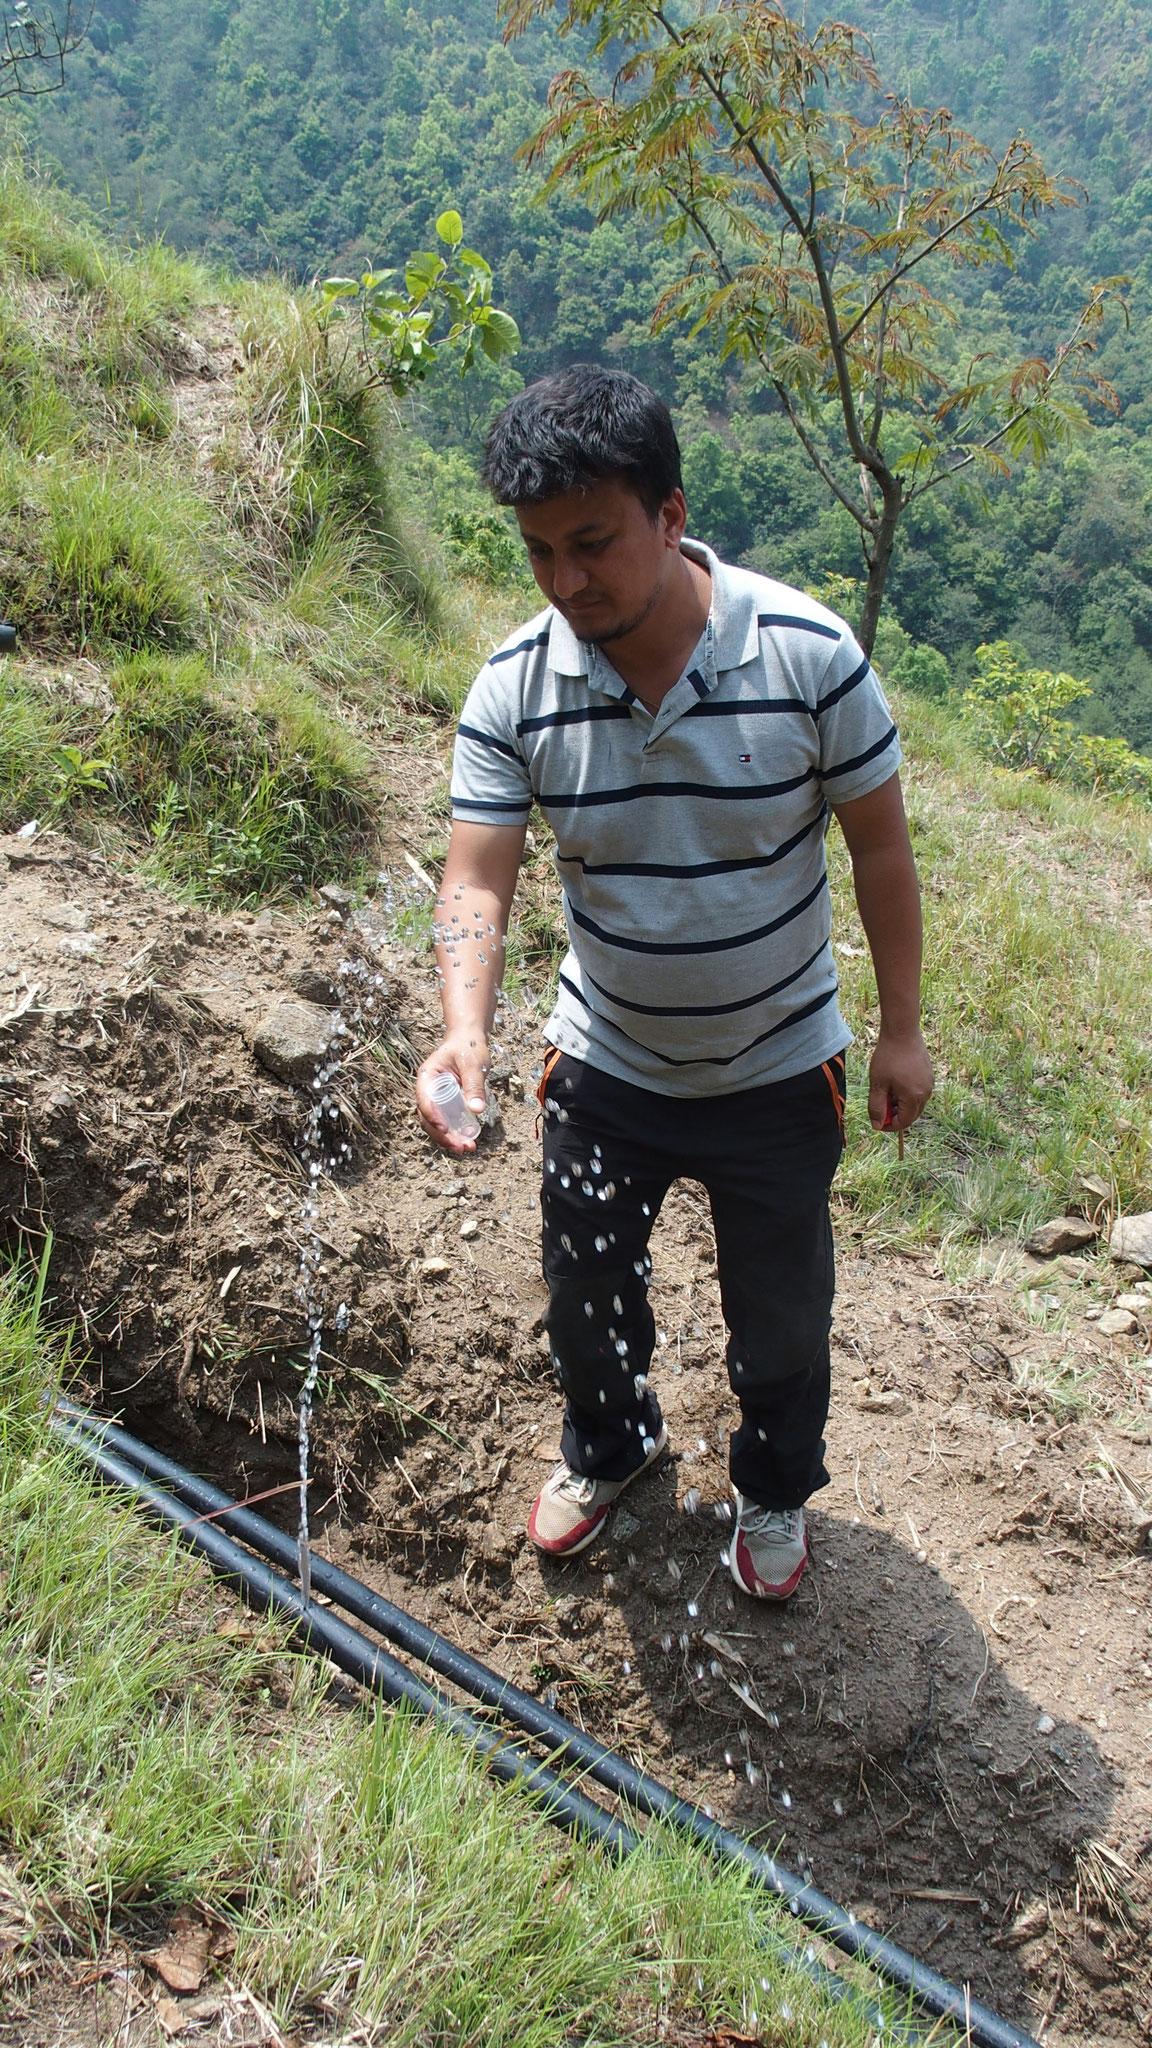 Prélèvement d'échantillons d'eau pour analyse à divers points du réseau.